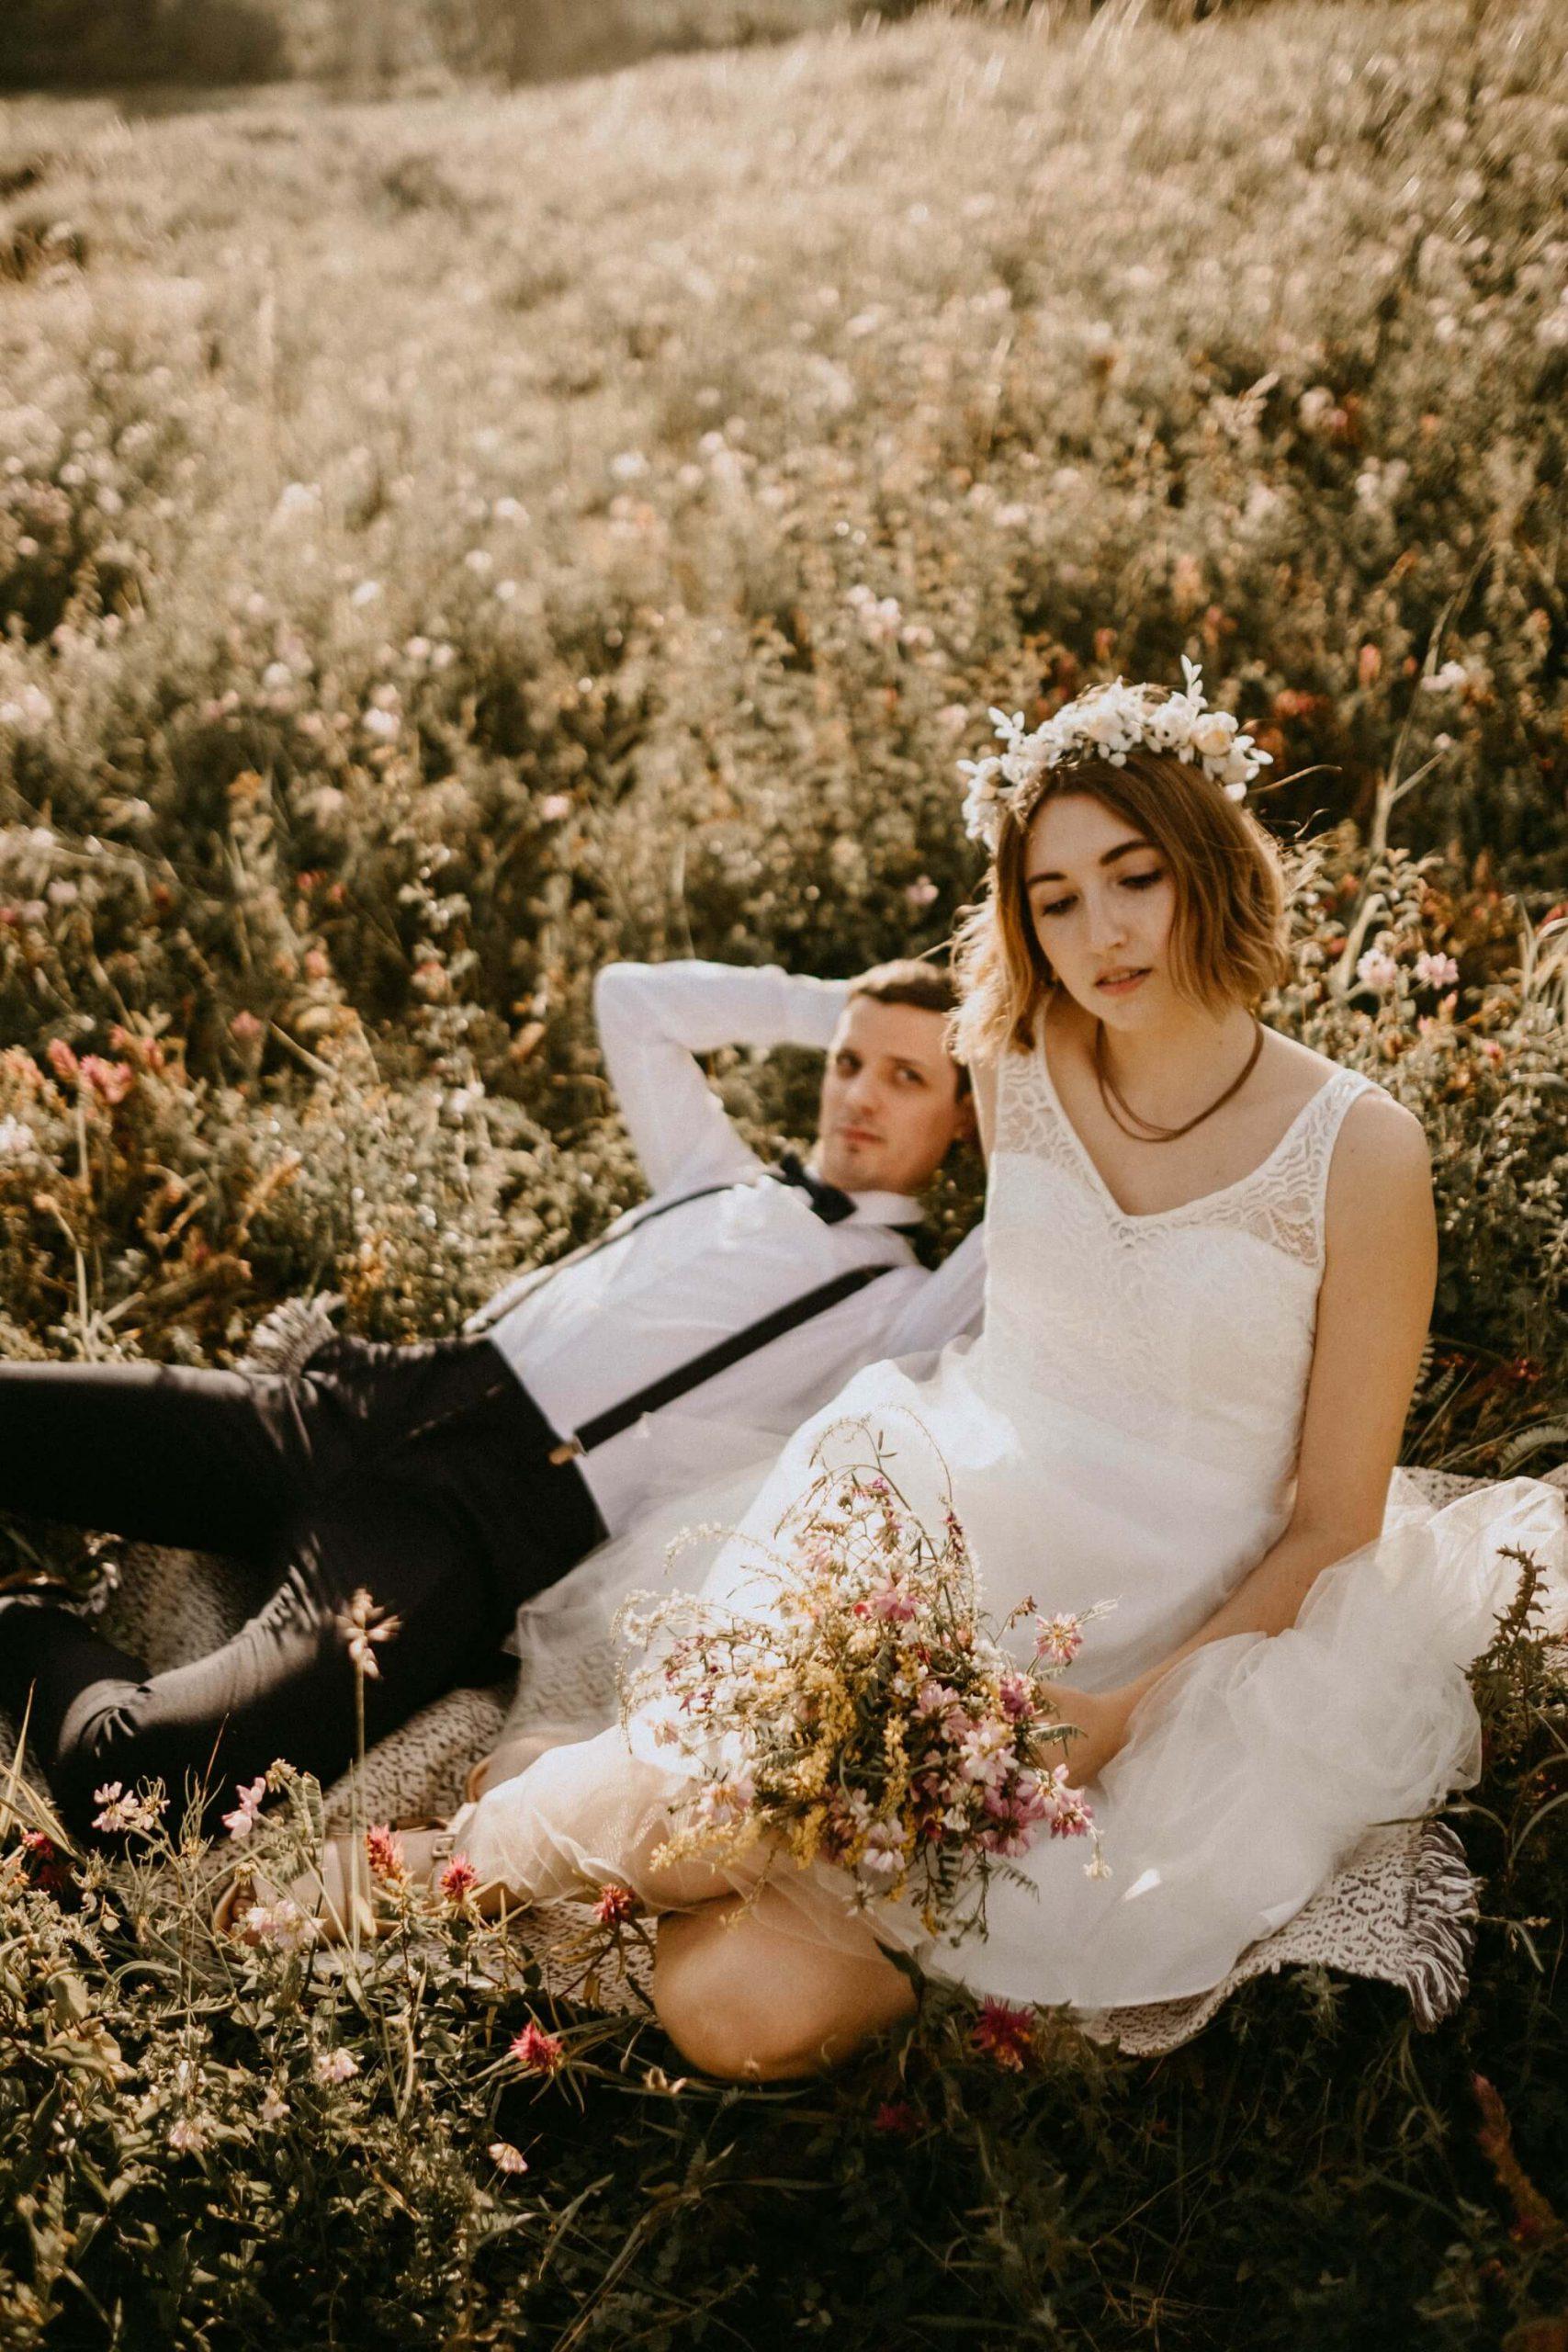 Boutique mariage Cosne photographe Amandine Baudet